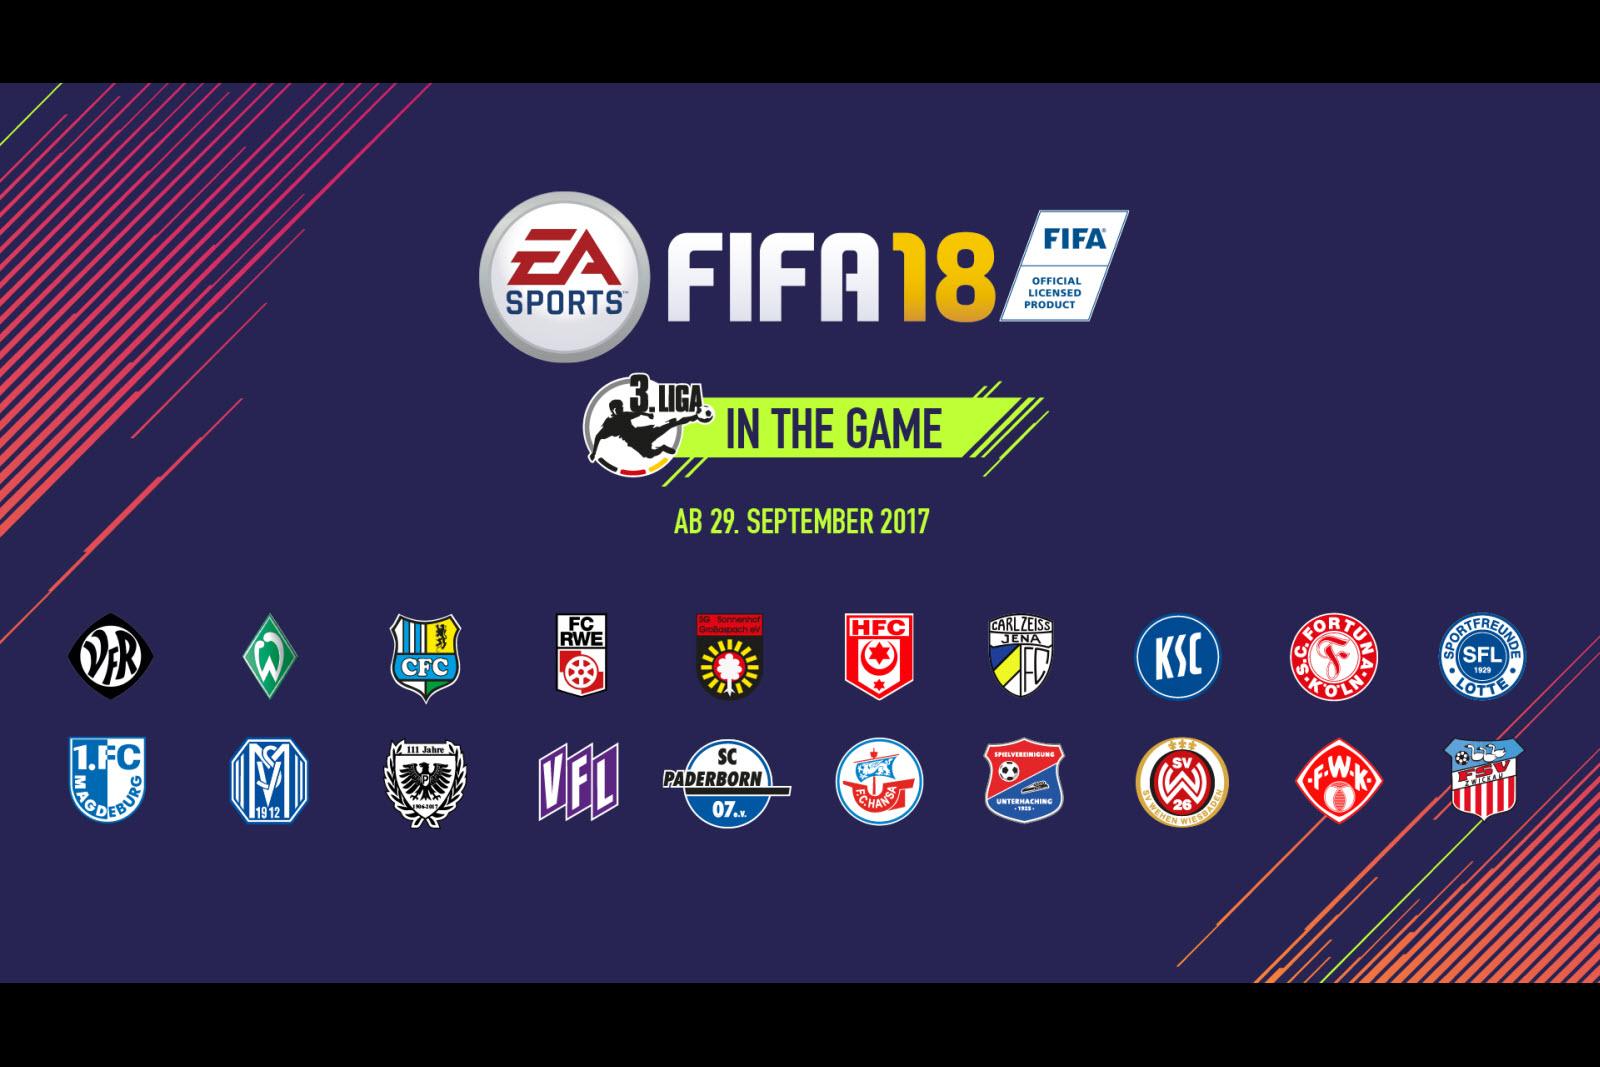 Übersicht mit allen Teams in FIFA 18